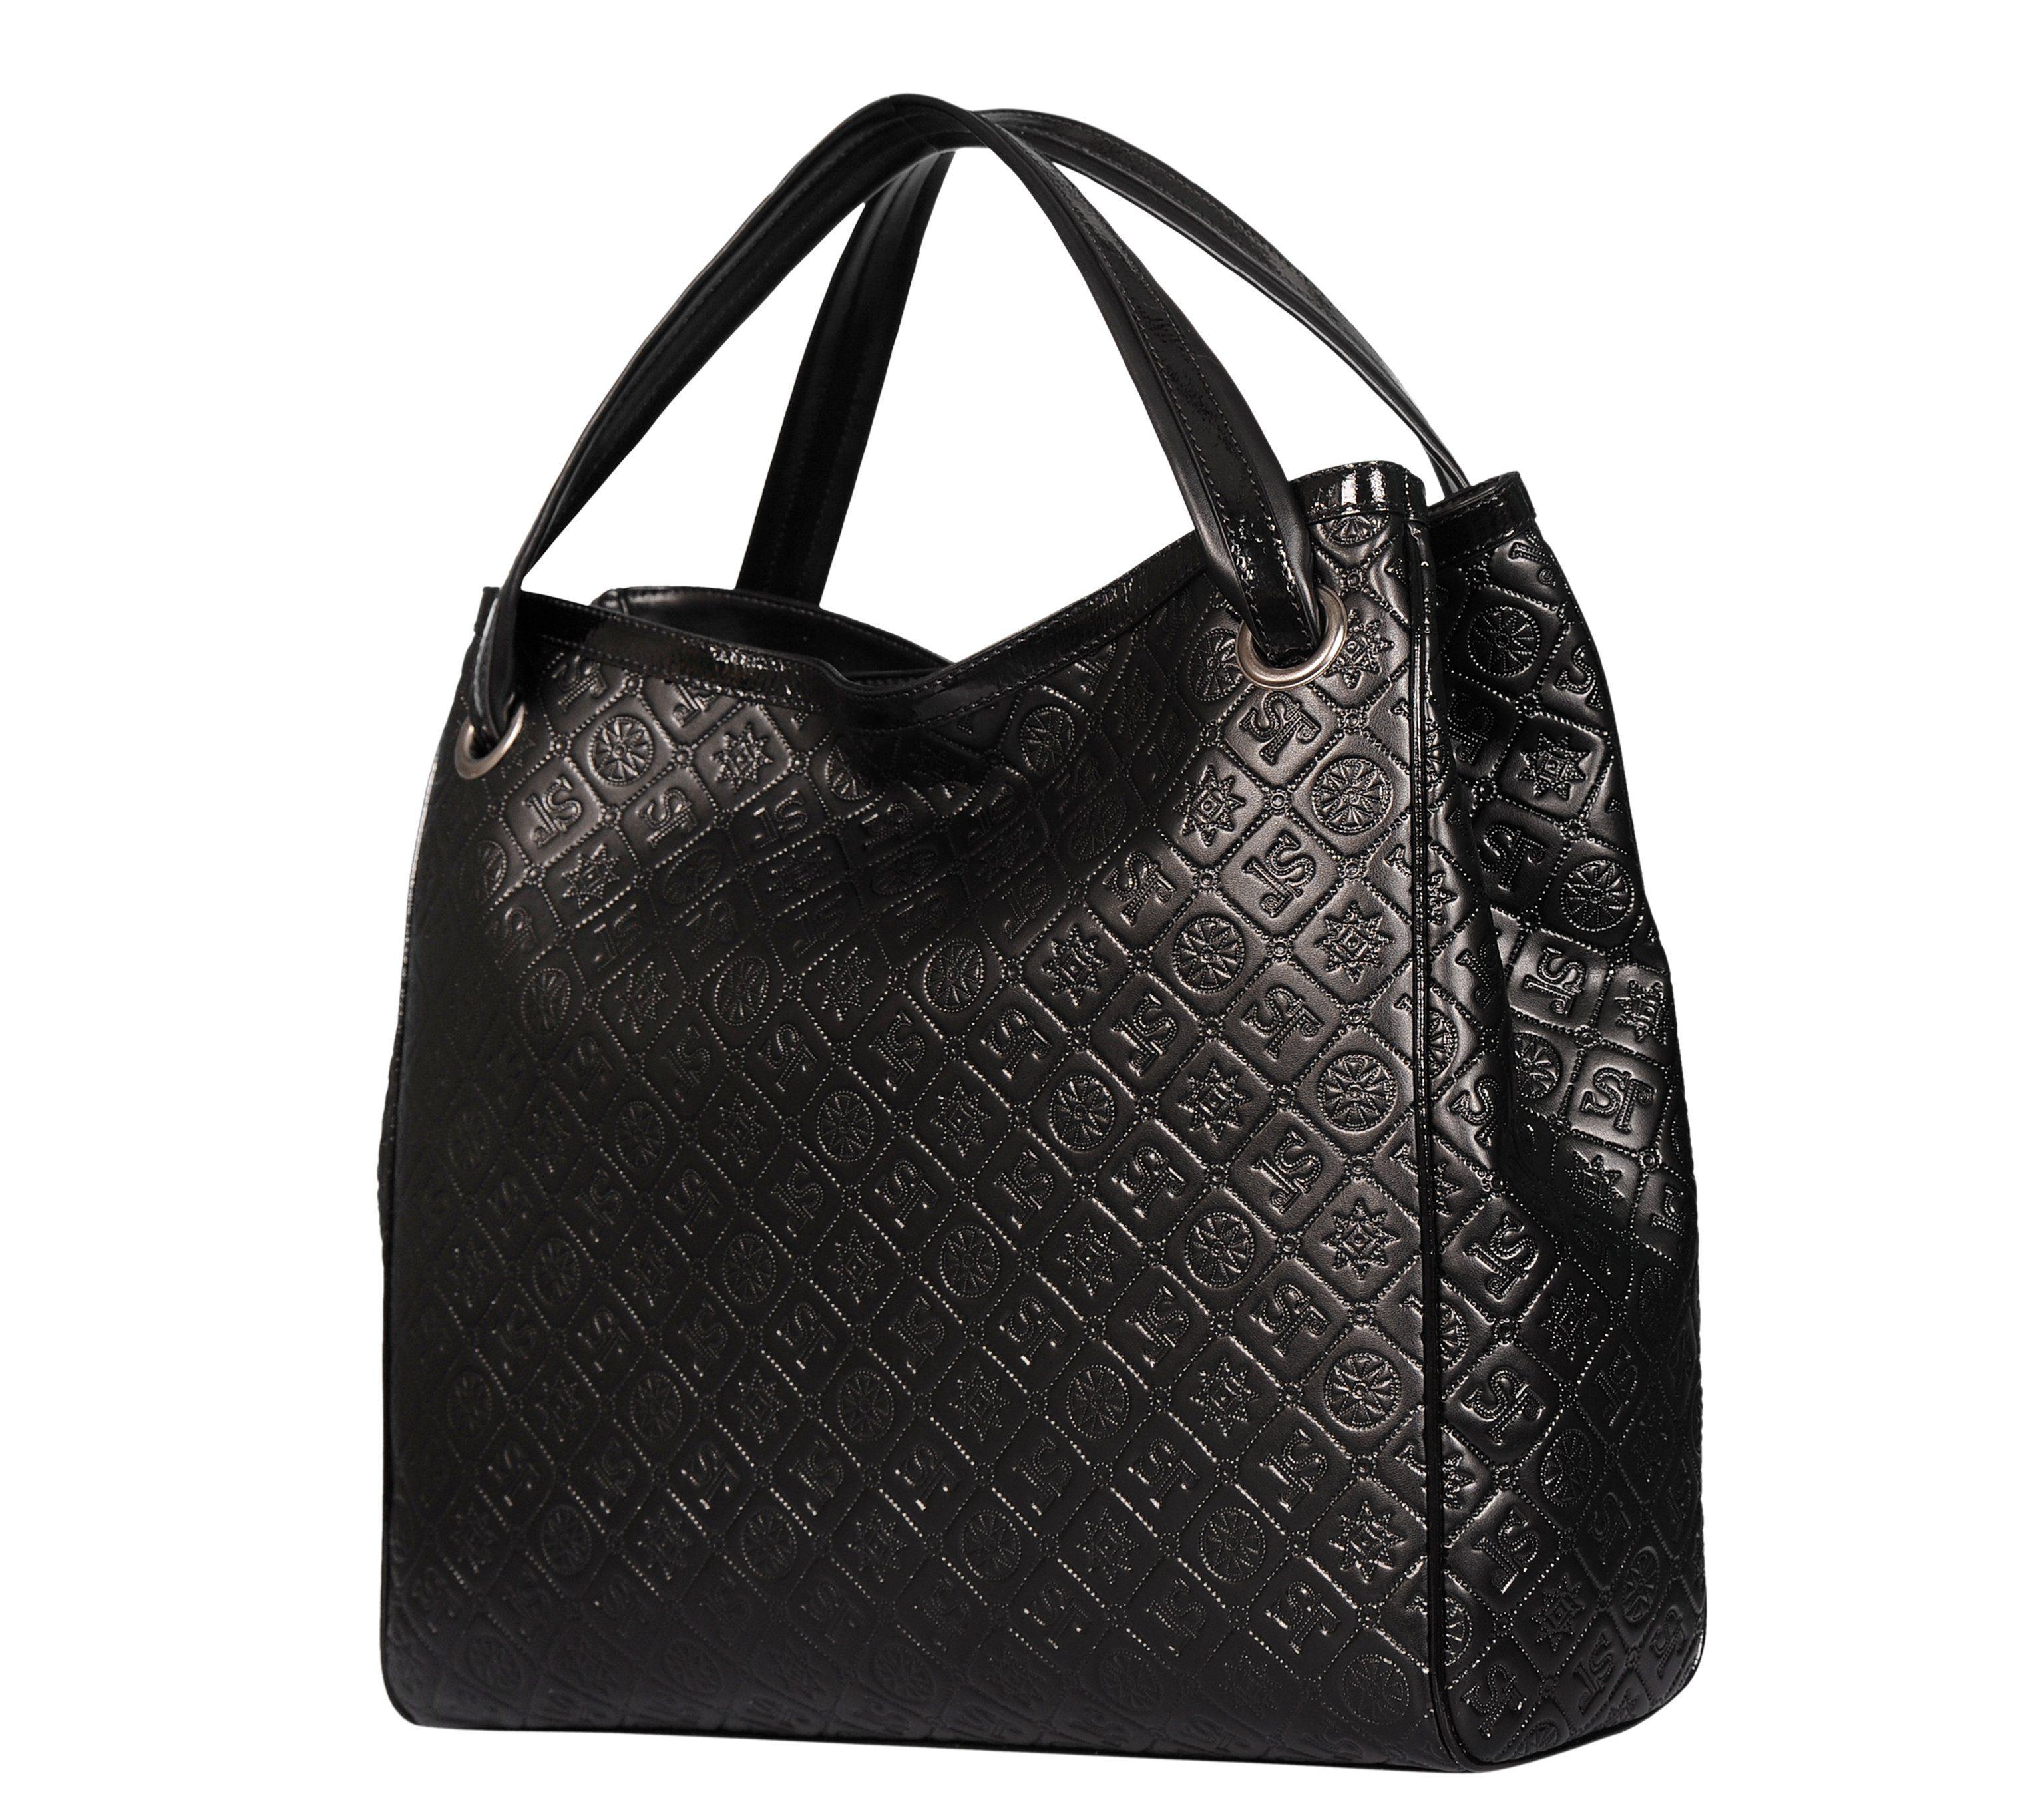 031711p Artikel Kaufen Tasche Silvio nr Online Tossi wxzqBWY01